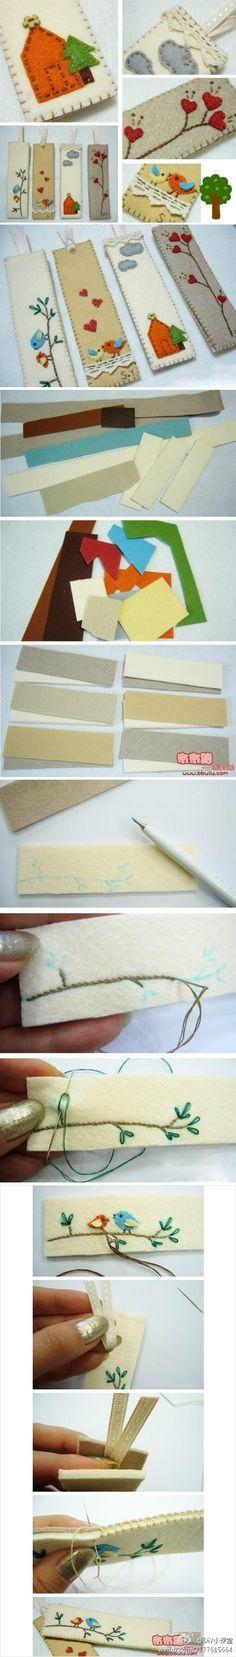 Artesanato em feltro – Marcadores de livro feitos com feltro!  Veja este passo a passo de artesanato em feltro de como fazer um lindo marcador de livro! Só precisa de pedaços de feltro de várias cores e linhas de bordar! Veja!                                                                                                                                                                                 Mais